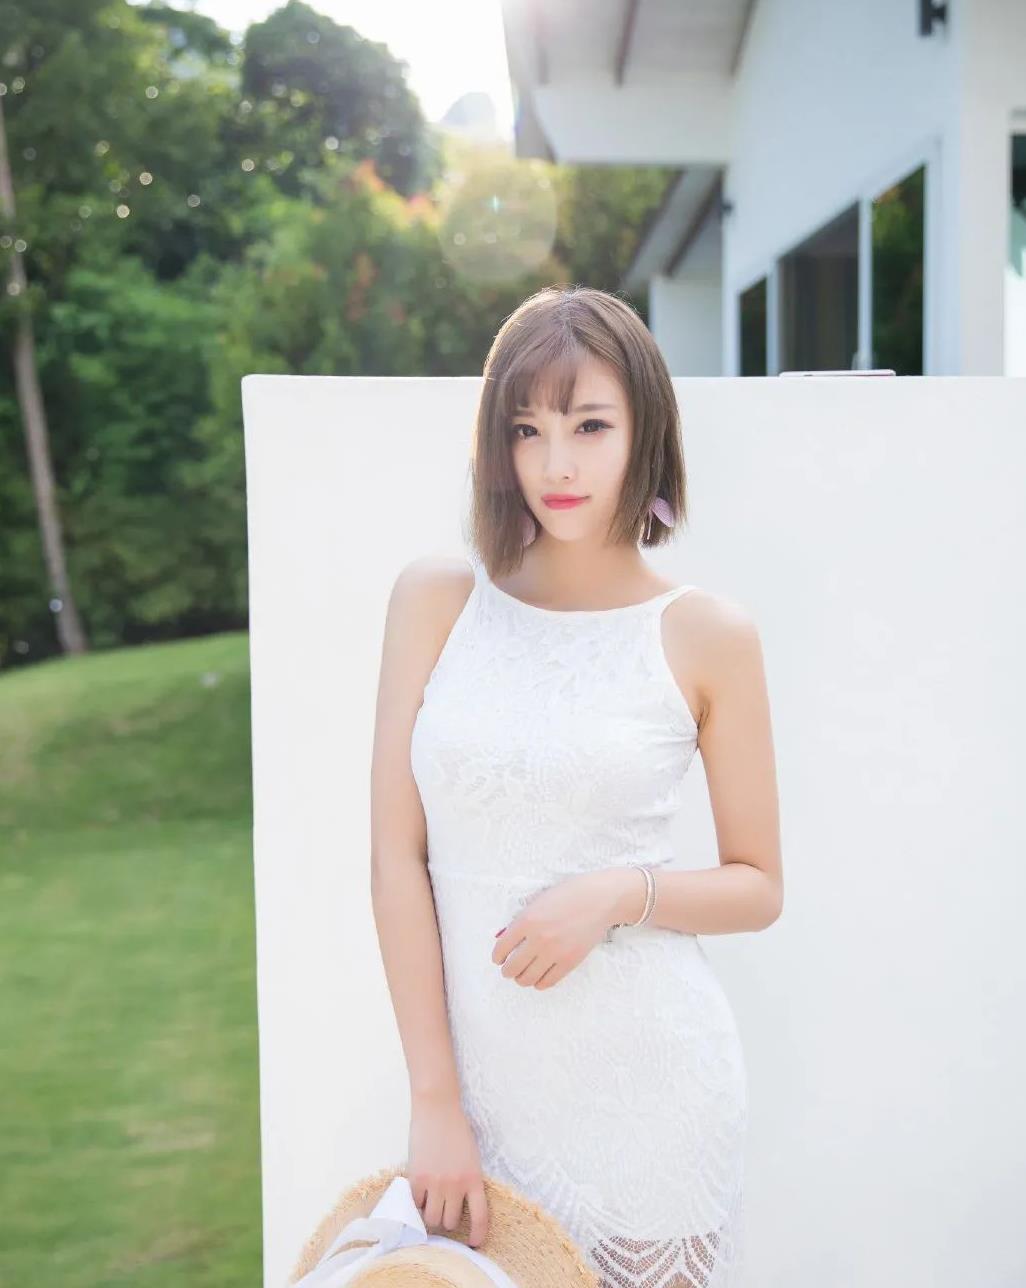 白色吊带连衣短裙搭配时尚礼帽的性感女生